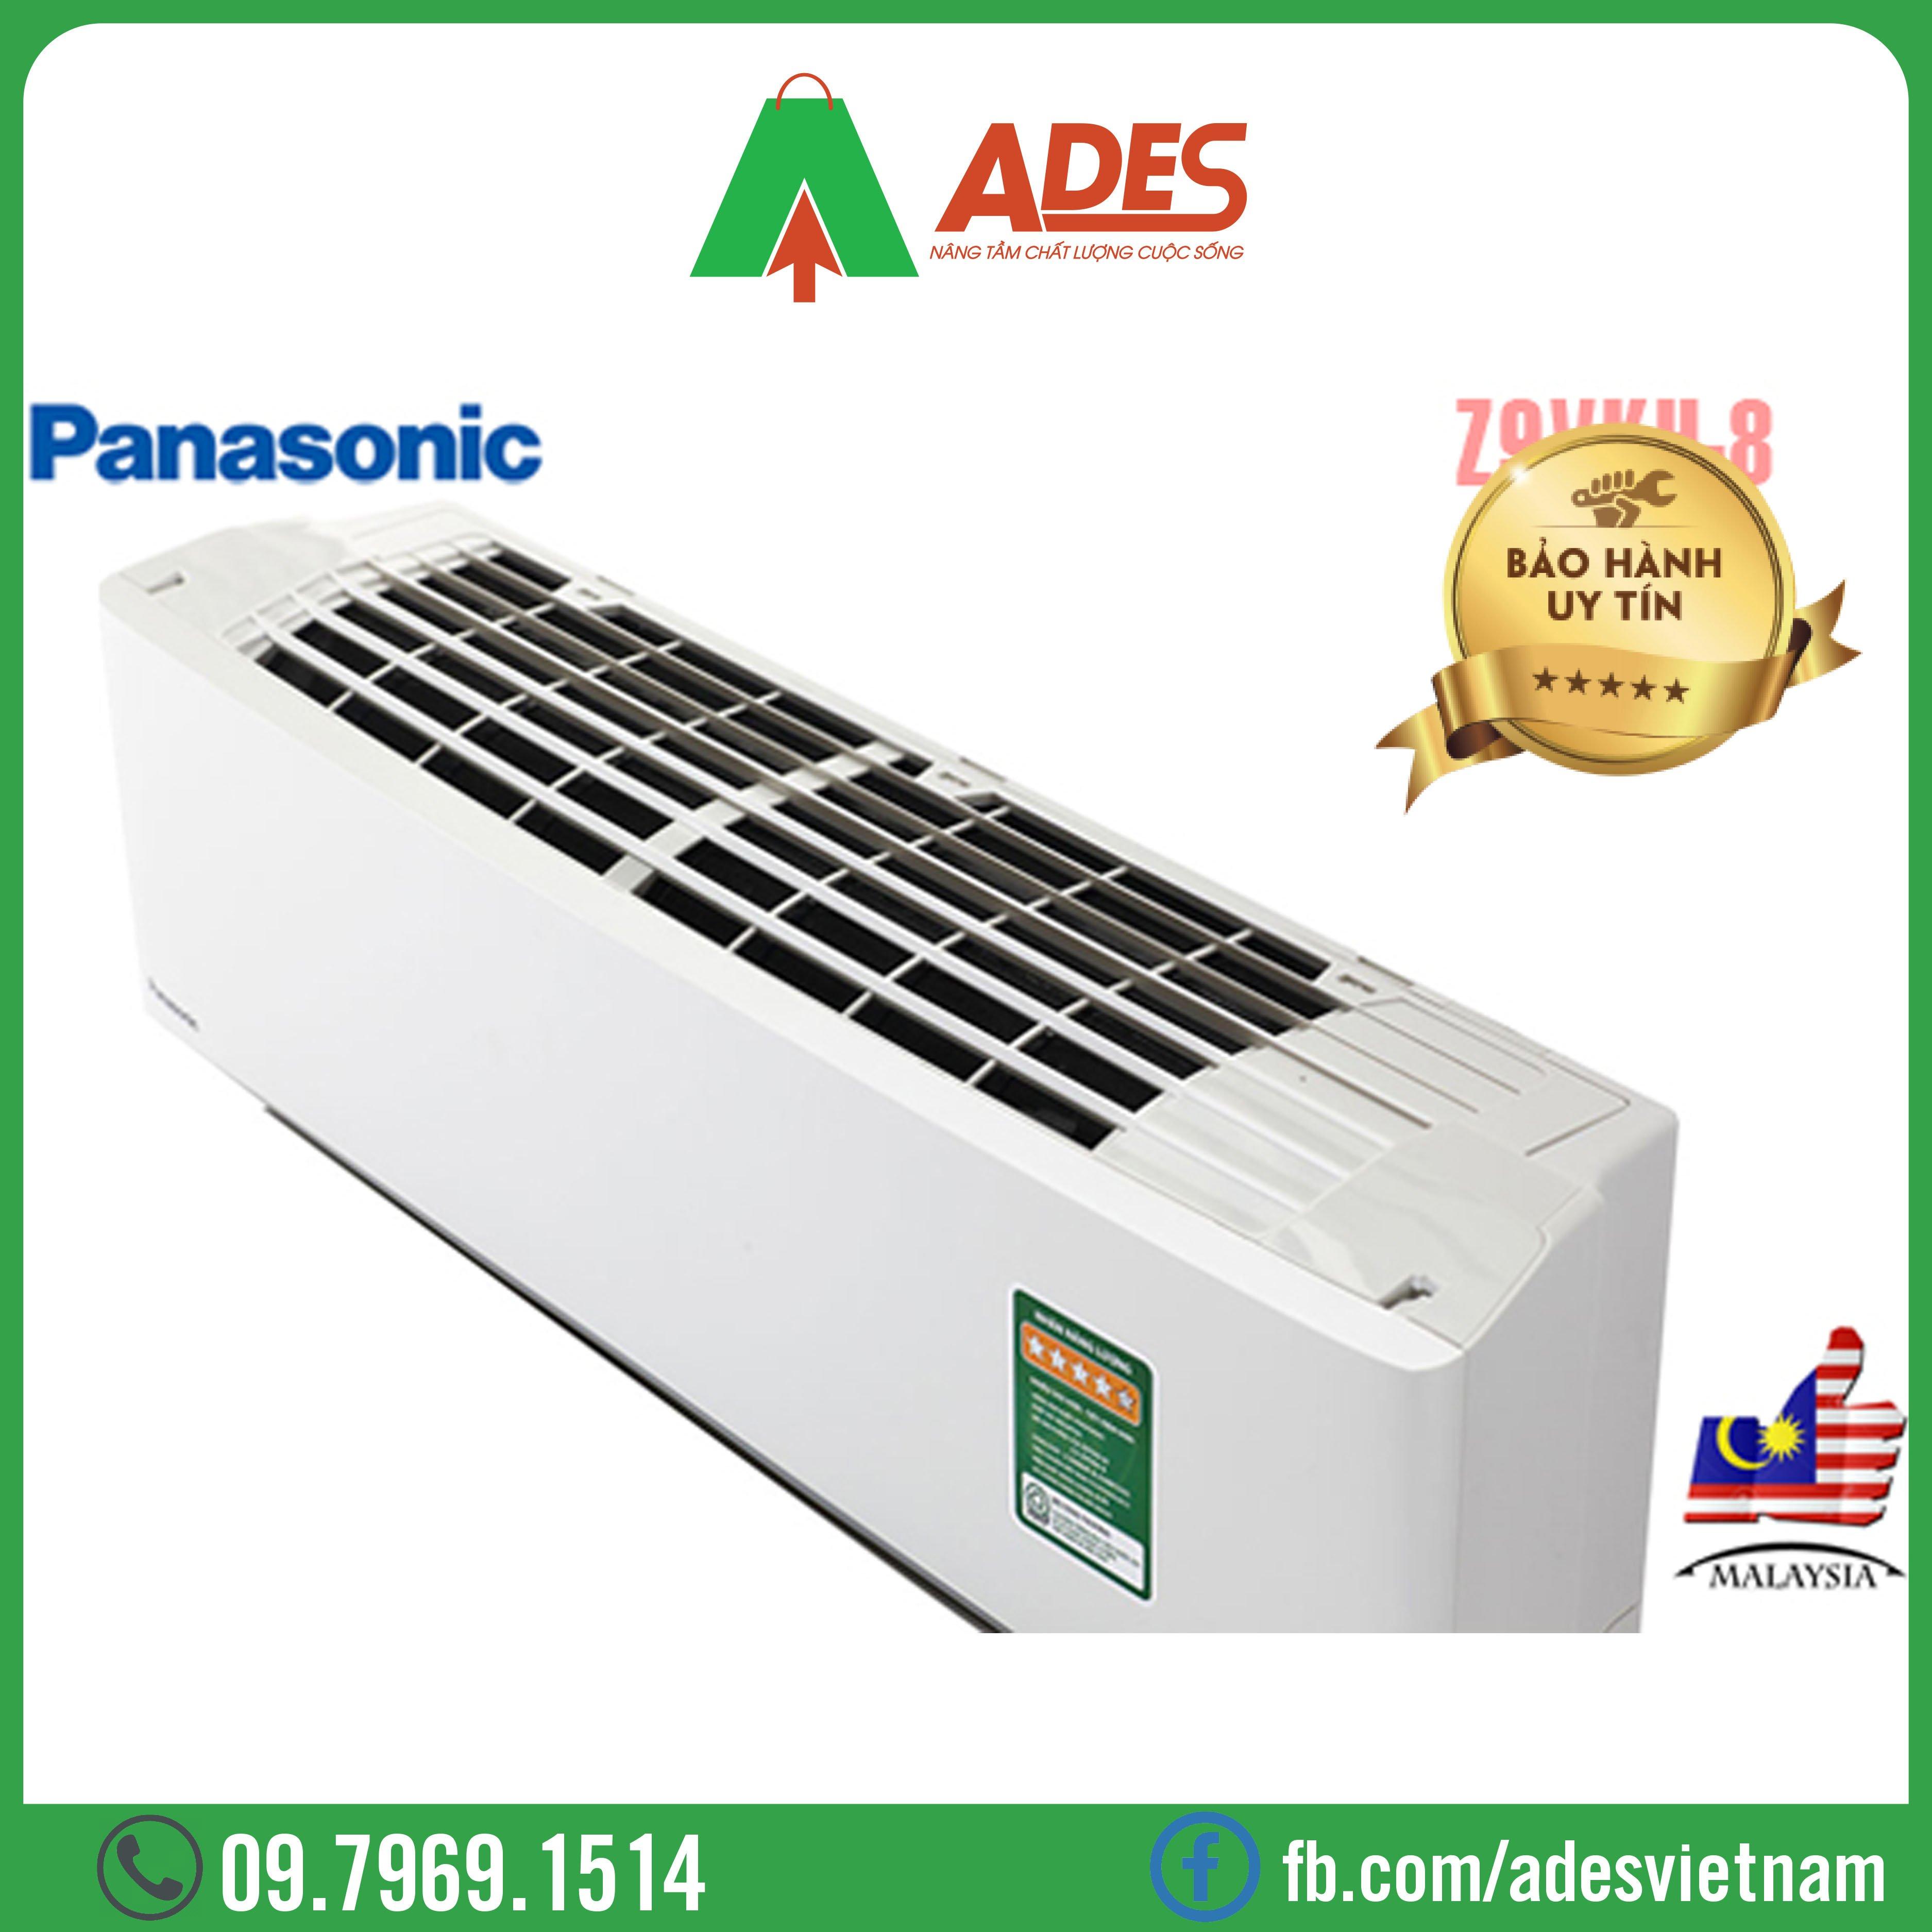 Dieu hoa Panasonic Inverter CU/CS-Z12VKH-8